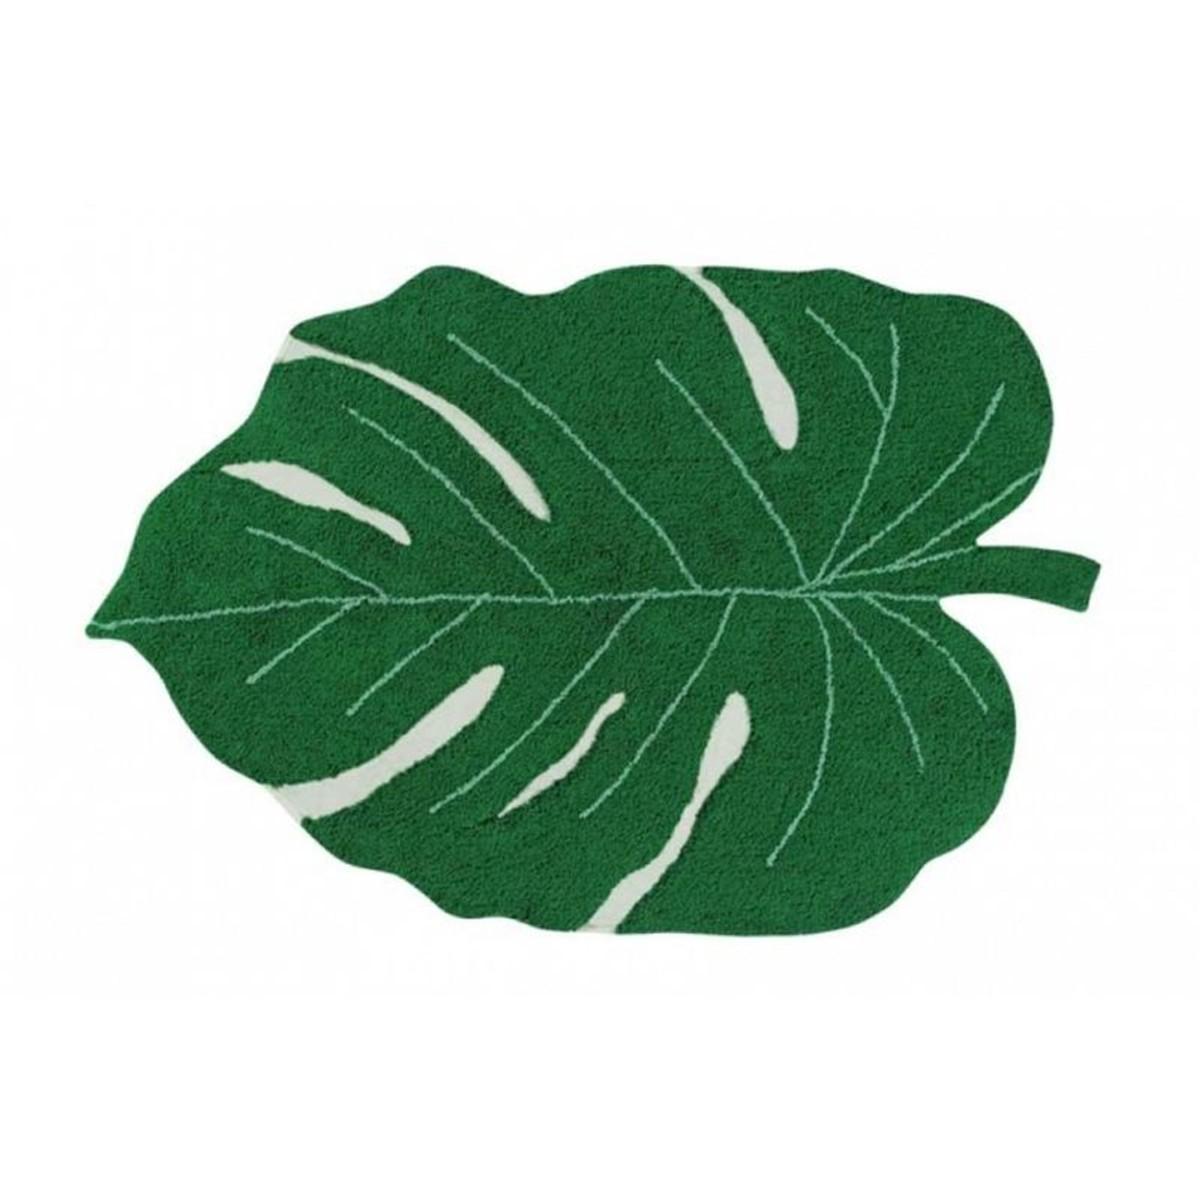 tapis bon plan étudiant feuille verte tropicale studio bricolage - blog déco - clem around the corner